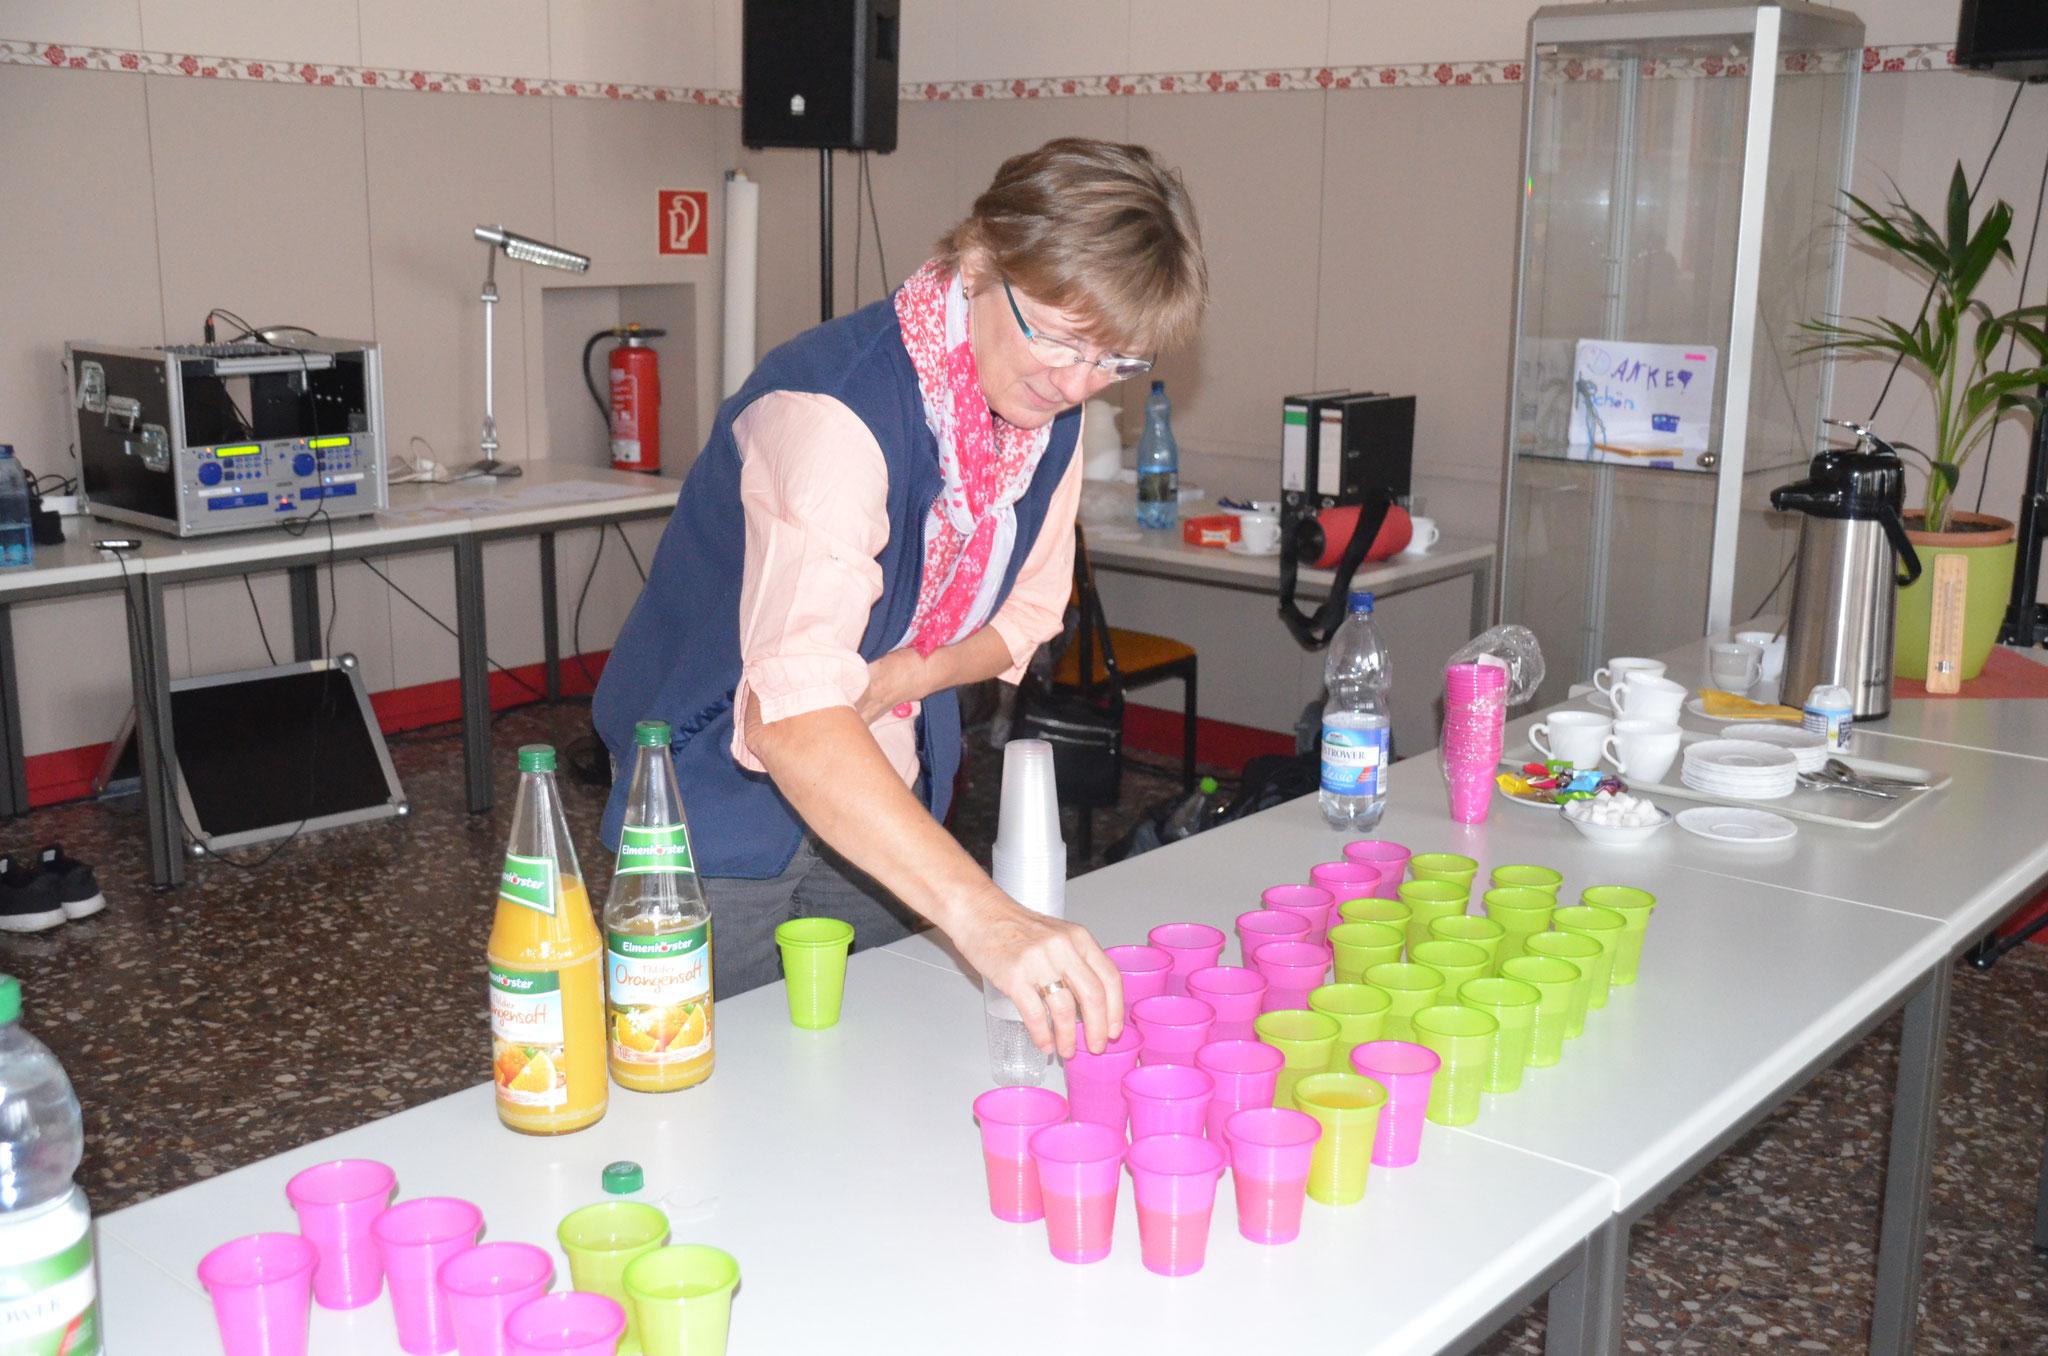 Tanzen macht durstig. Karola Hinz und Silke Sievert vom Tanzclub versorgten die Kinder mit leckerem Saft und Brause.